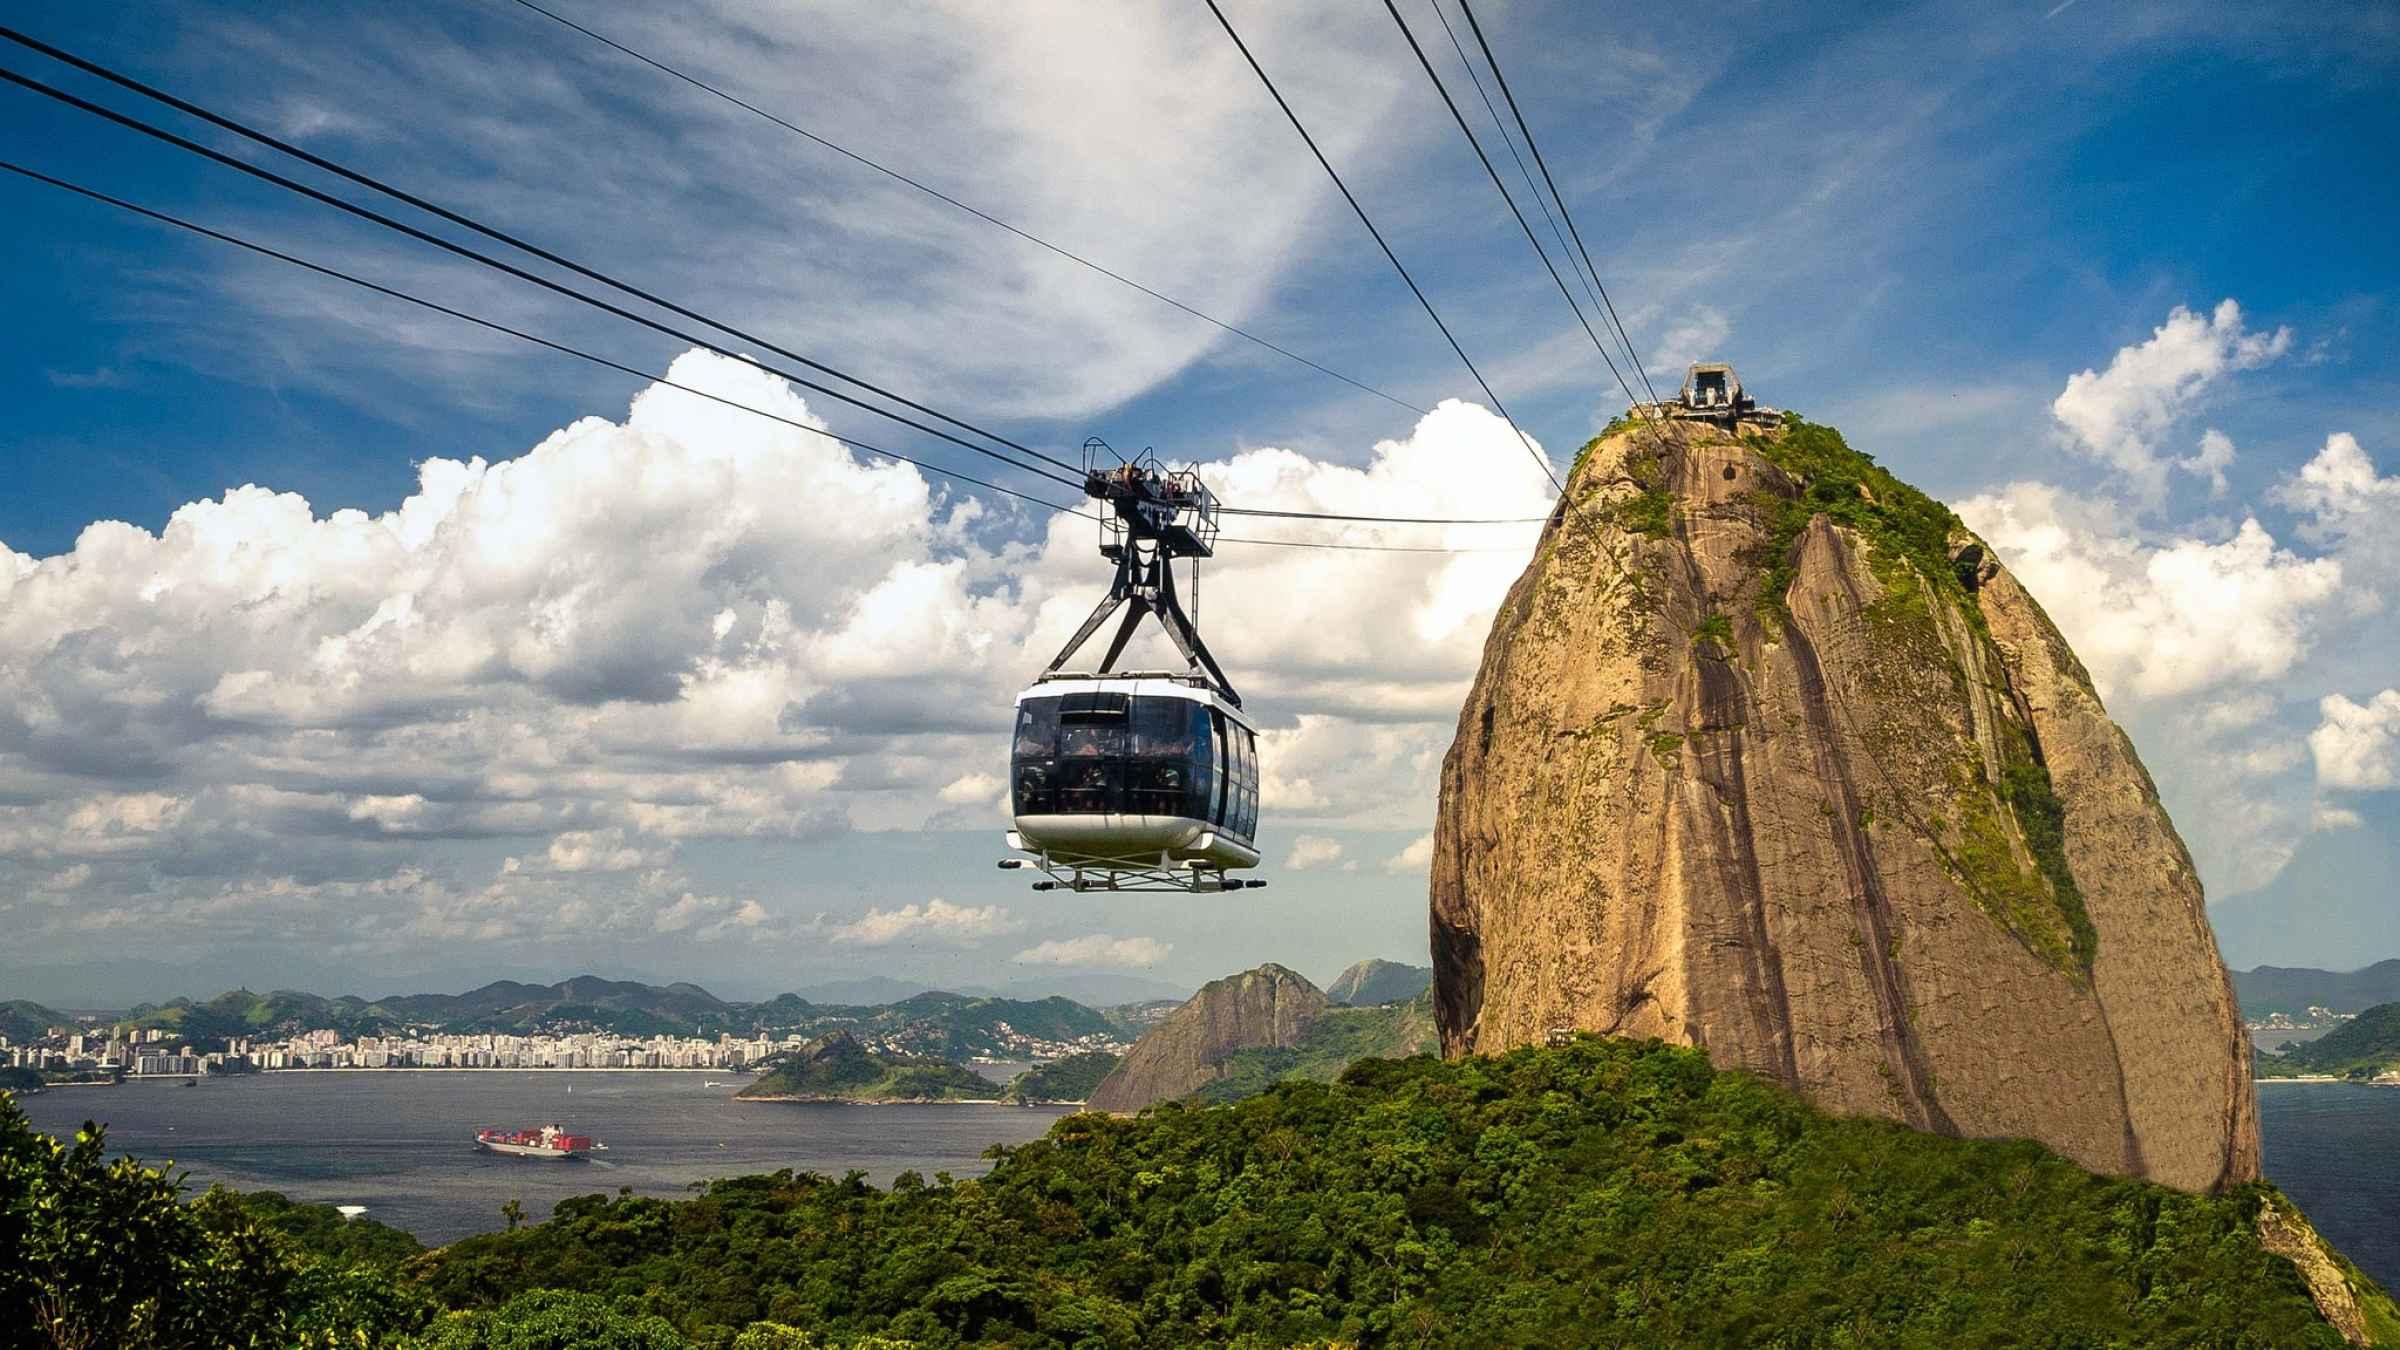 Pão de Açúcar Rio de Janeiro tickets: comprar ingressos agora |  GetYourGuide.com